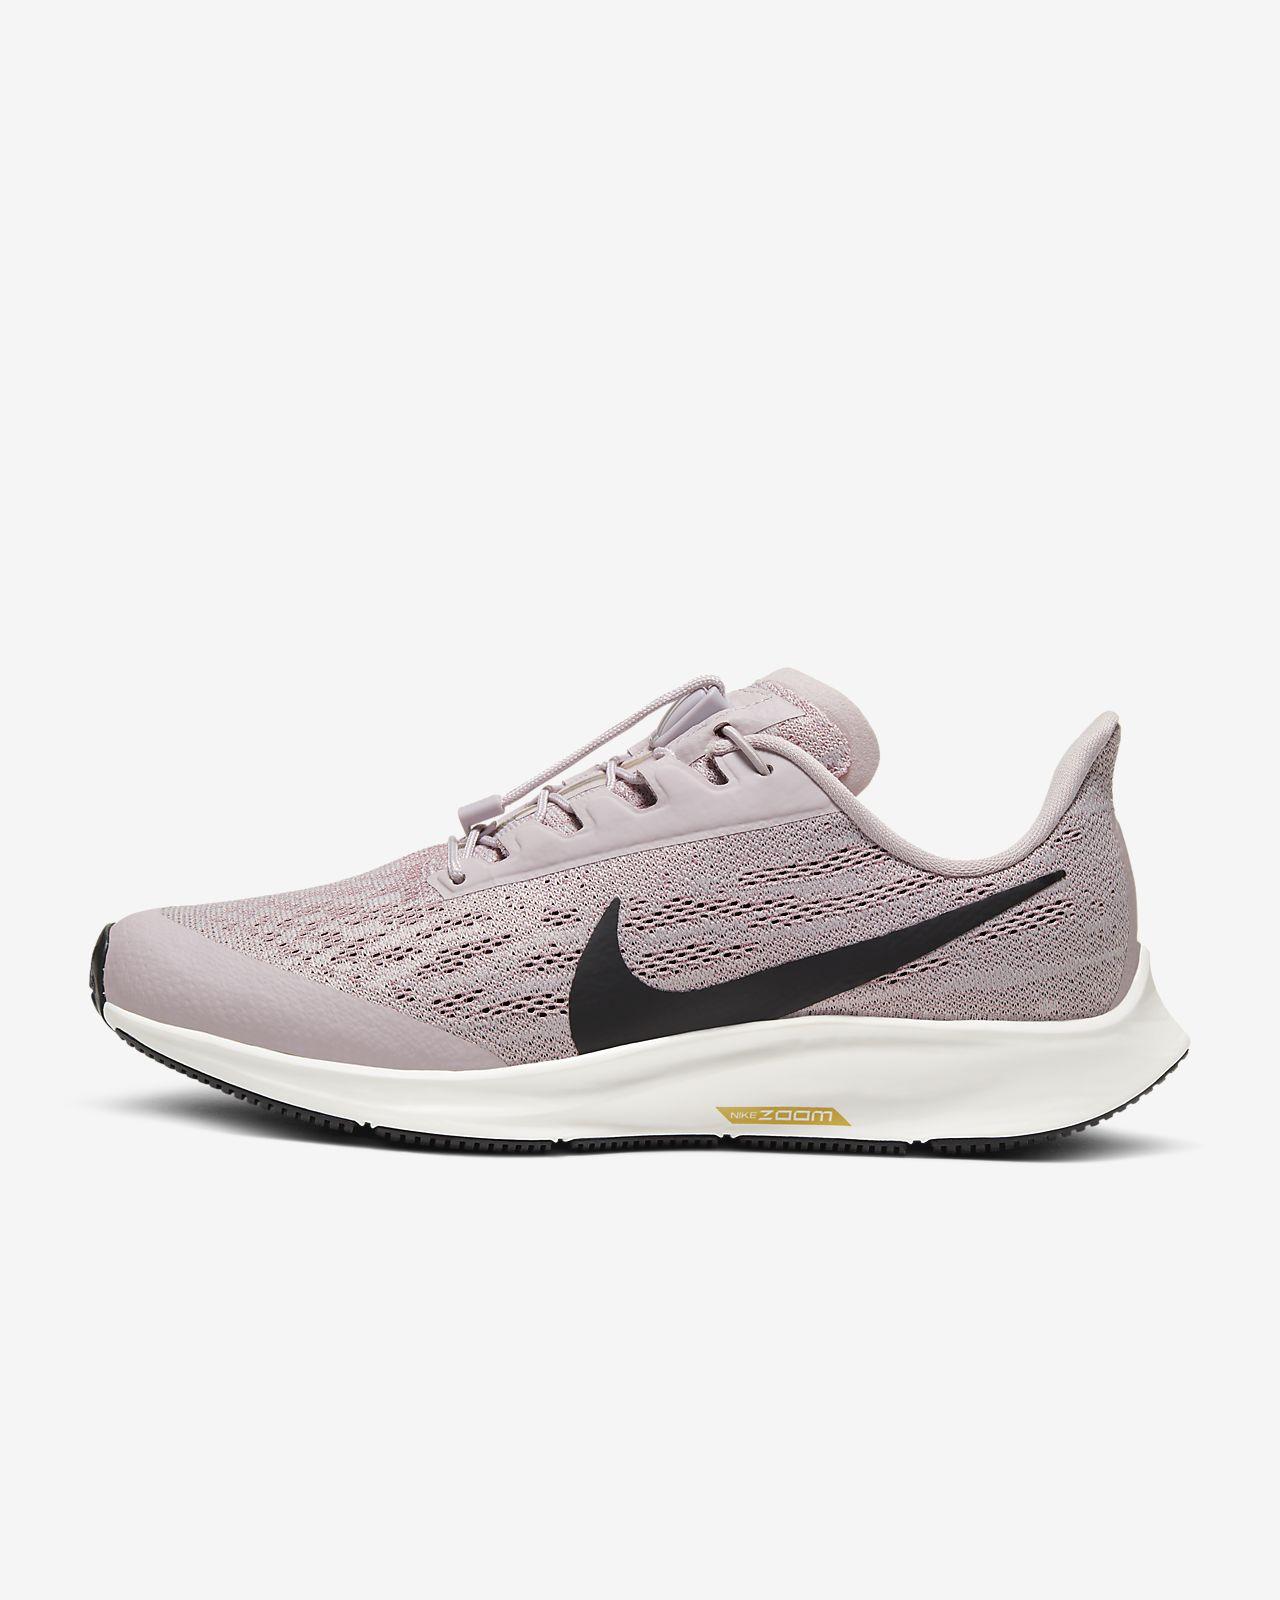 Dámská běžecká bota Nike Air Zoom Pegasus 36 FlyEase